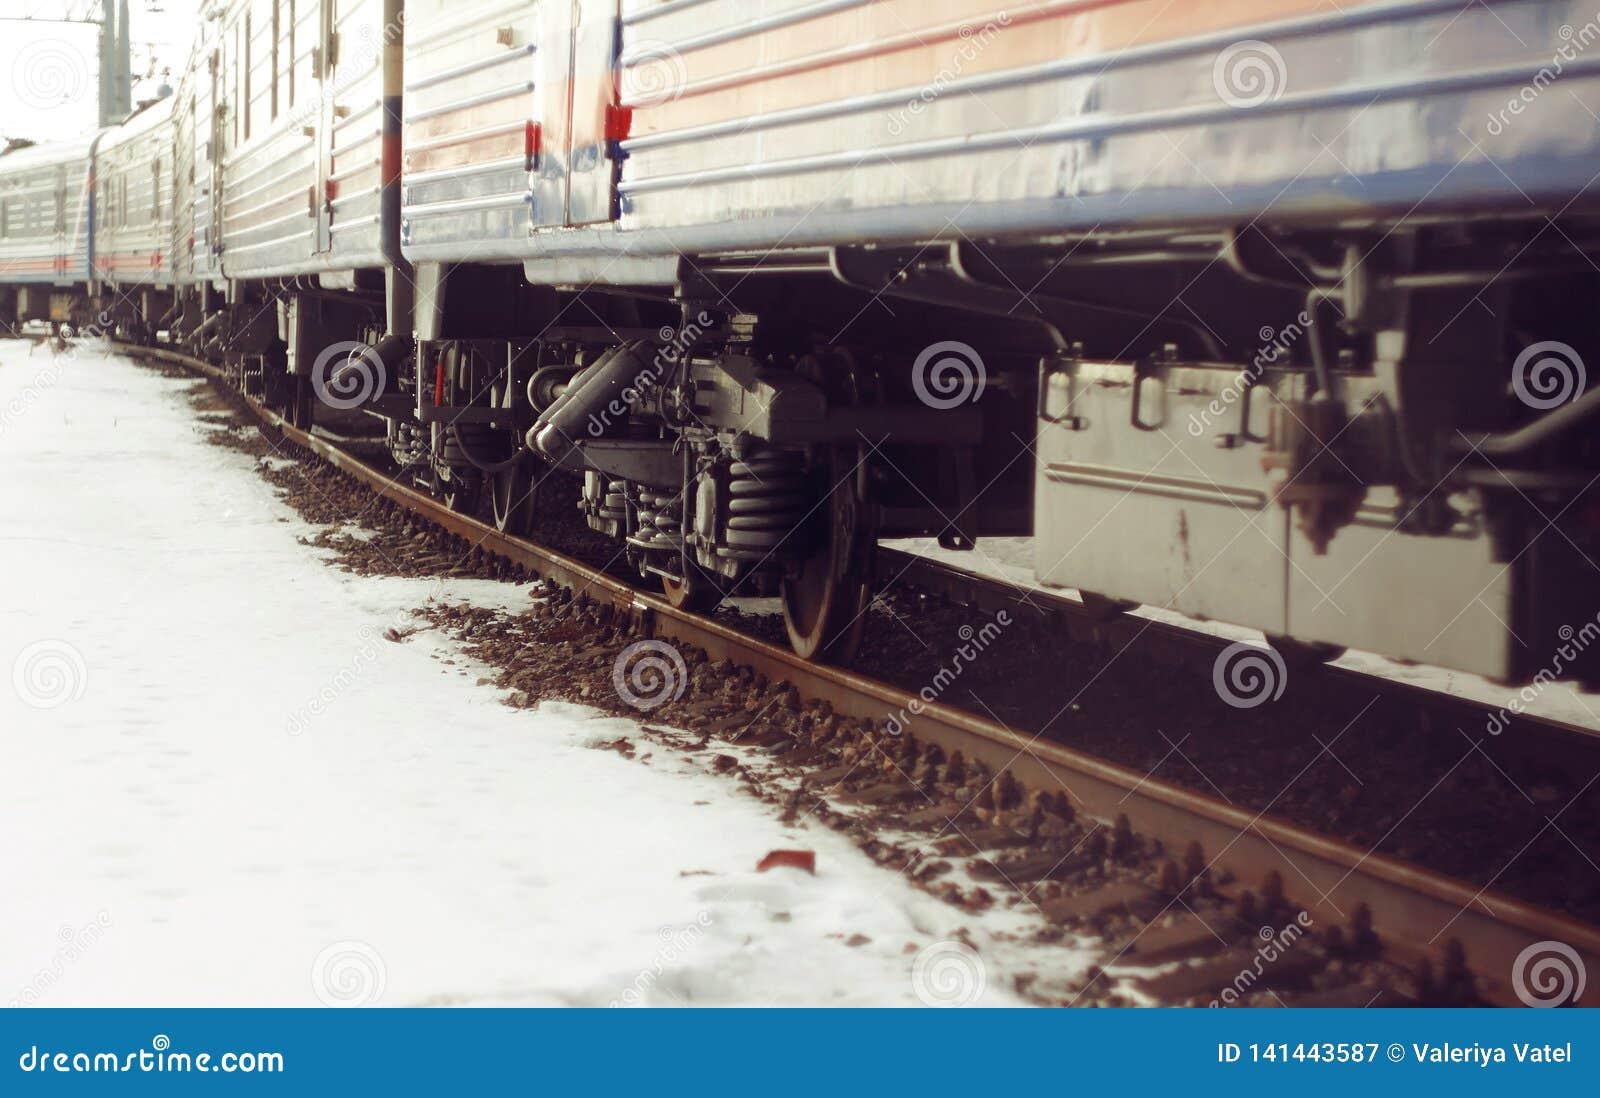 Wagentrein, die zich op de sporen bevinden, die met roest behandeld zijn